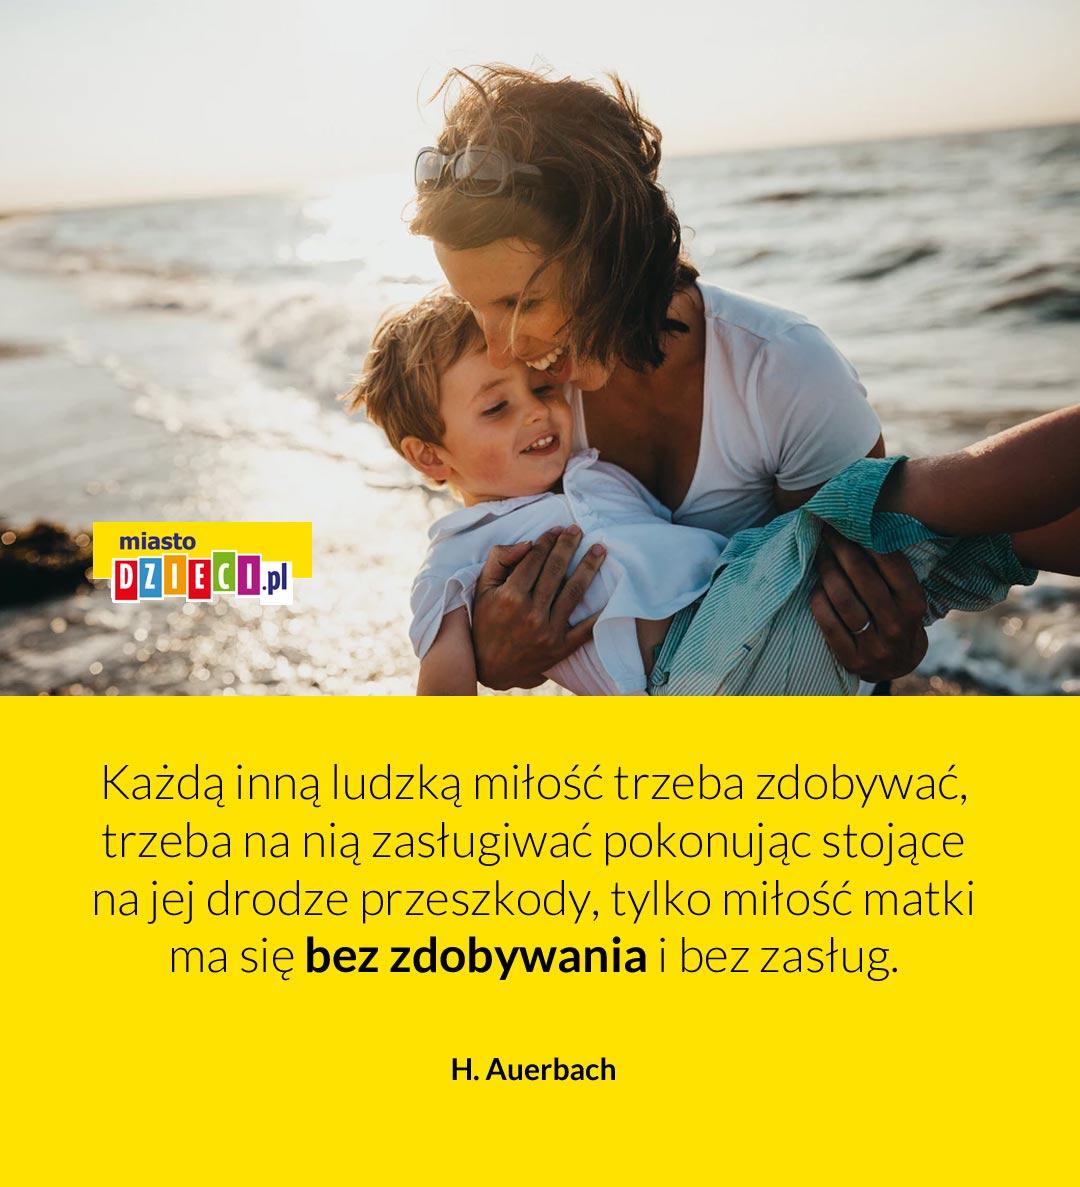 Cytaty o matce każdą inną miłość